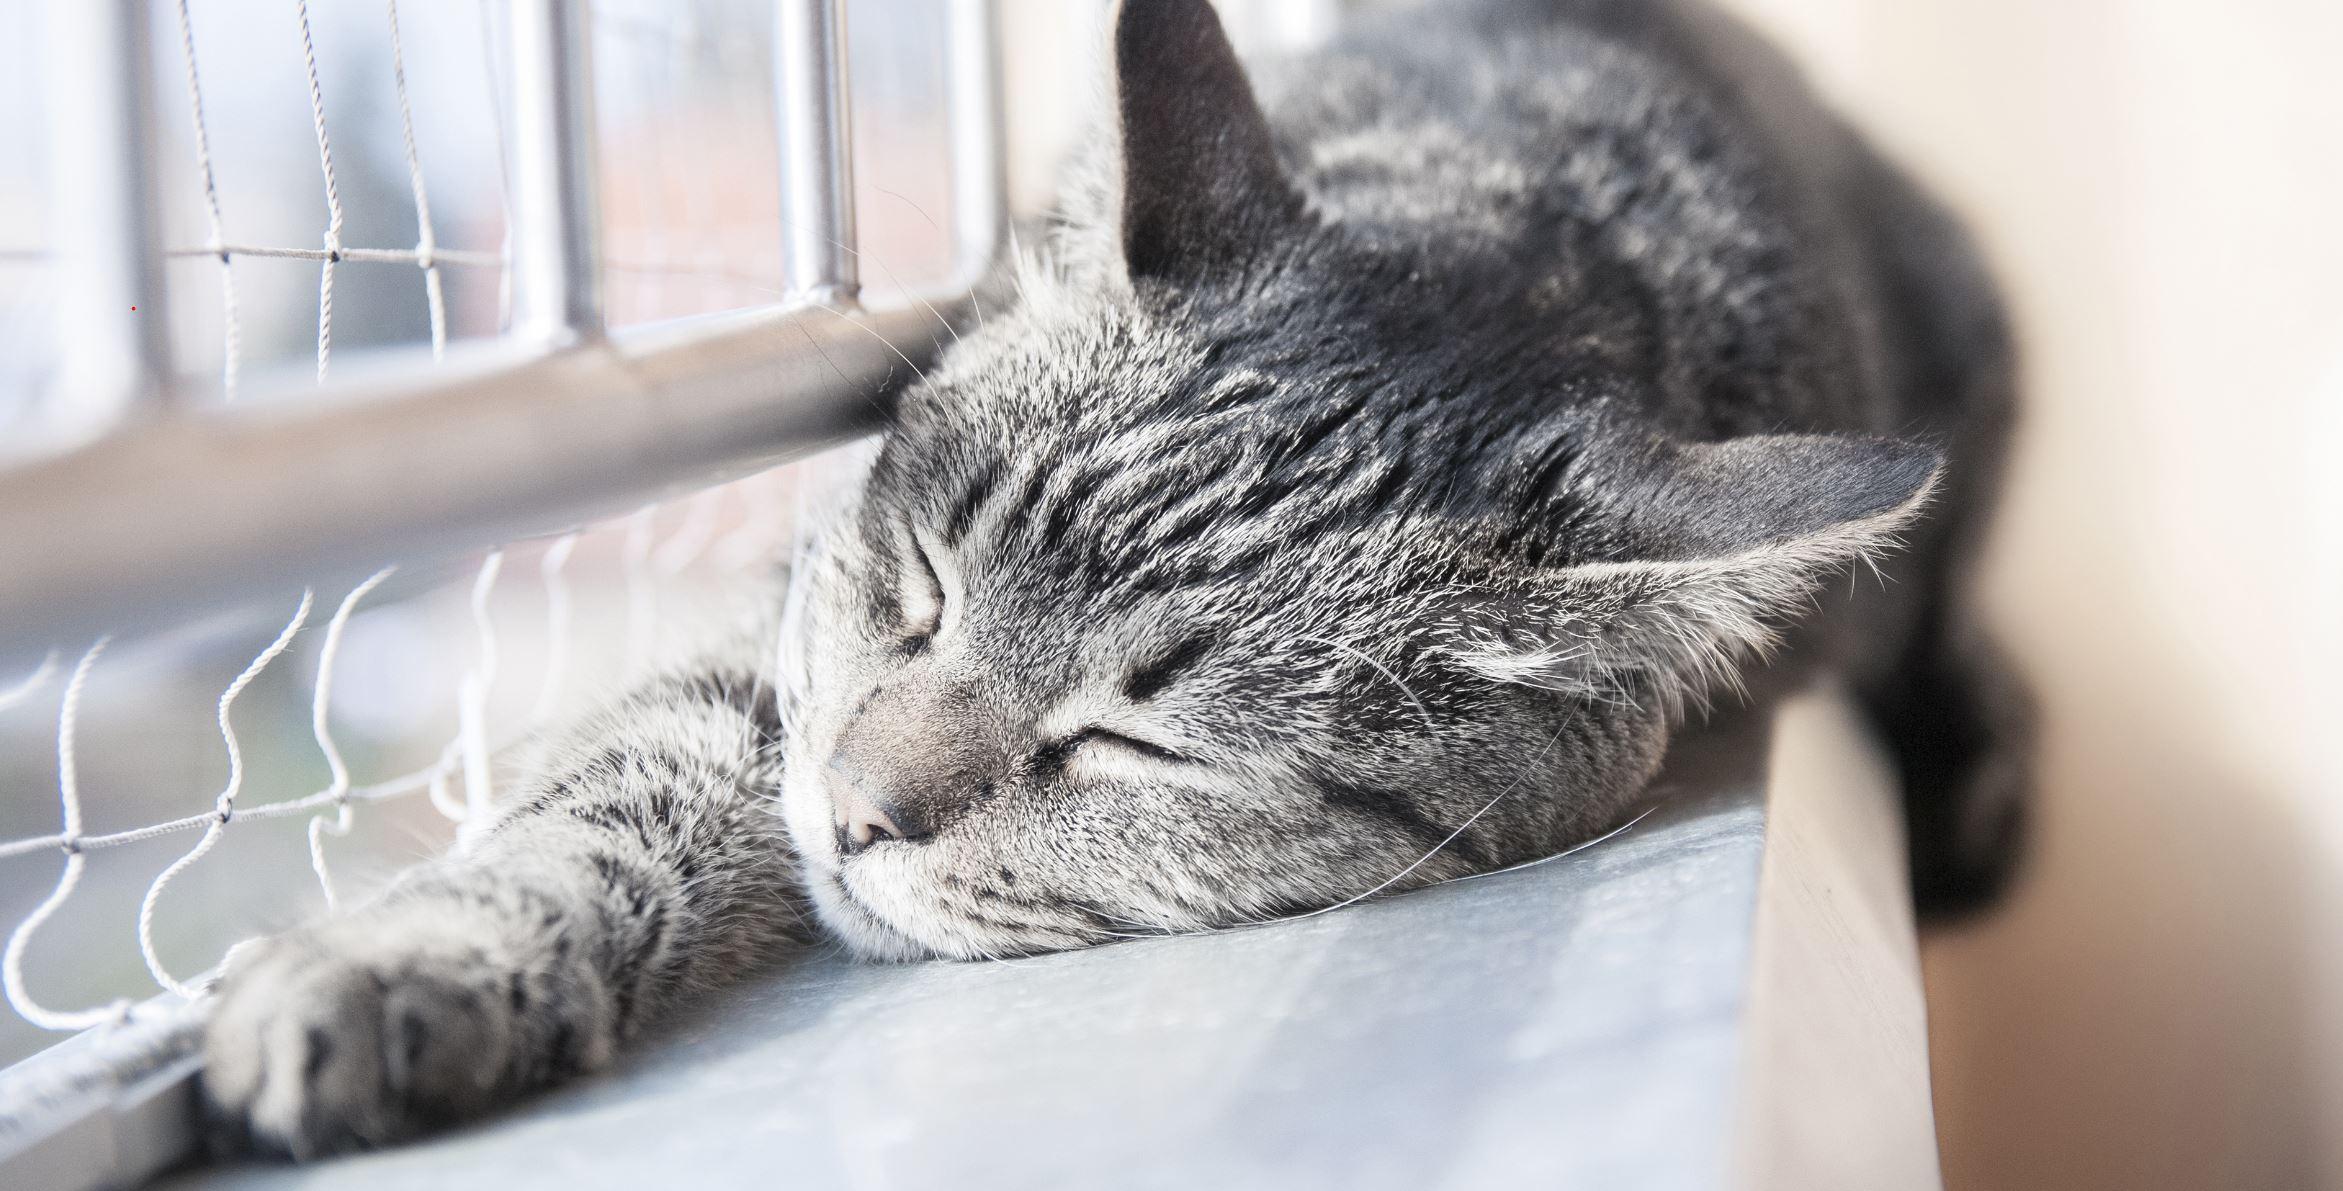 Katze schläft auf dem Balkon